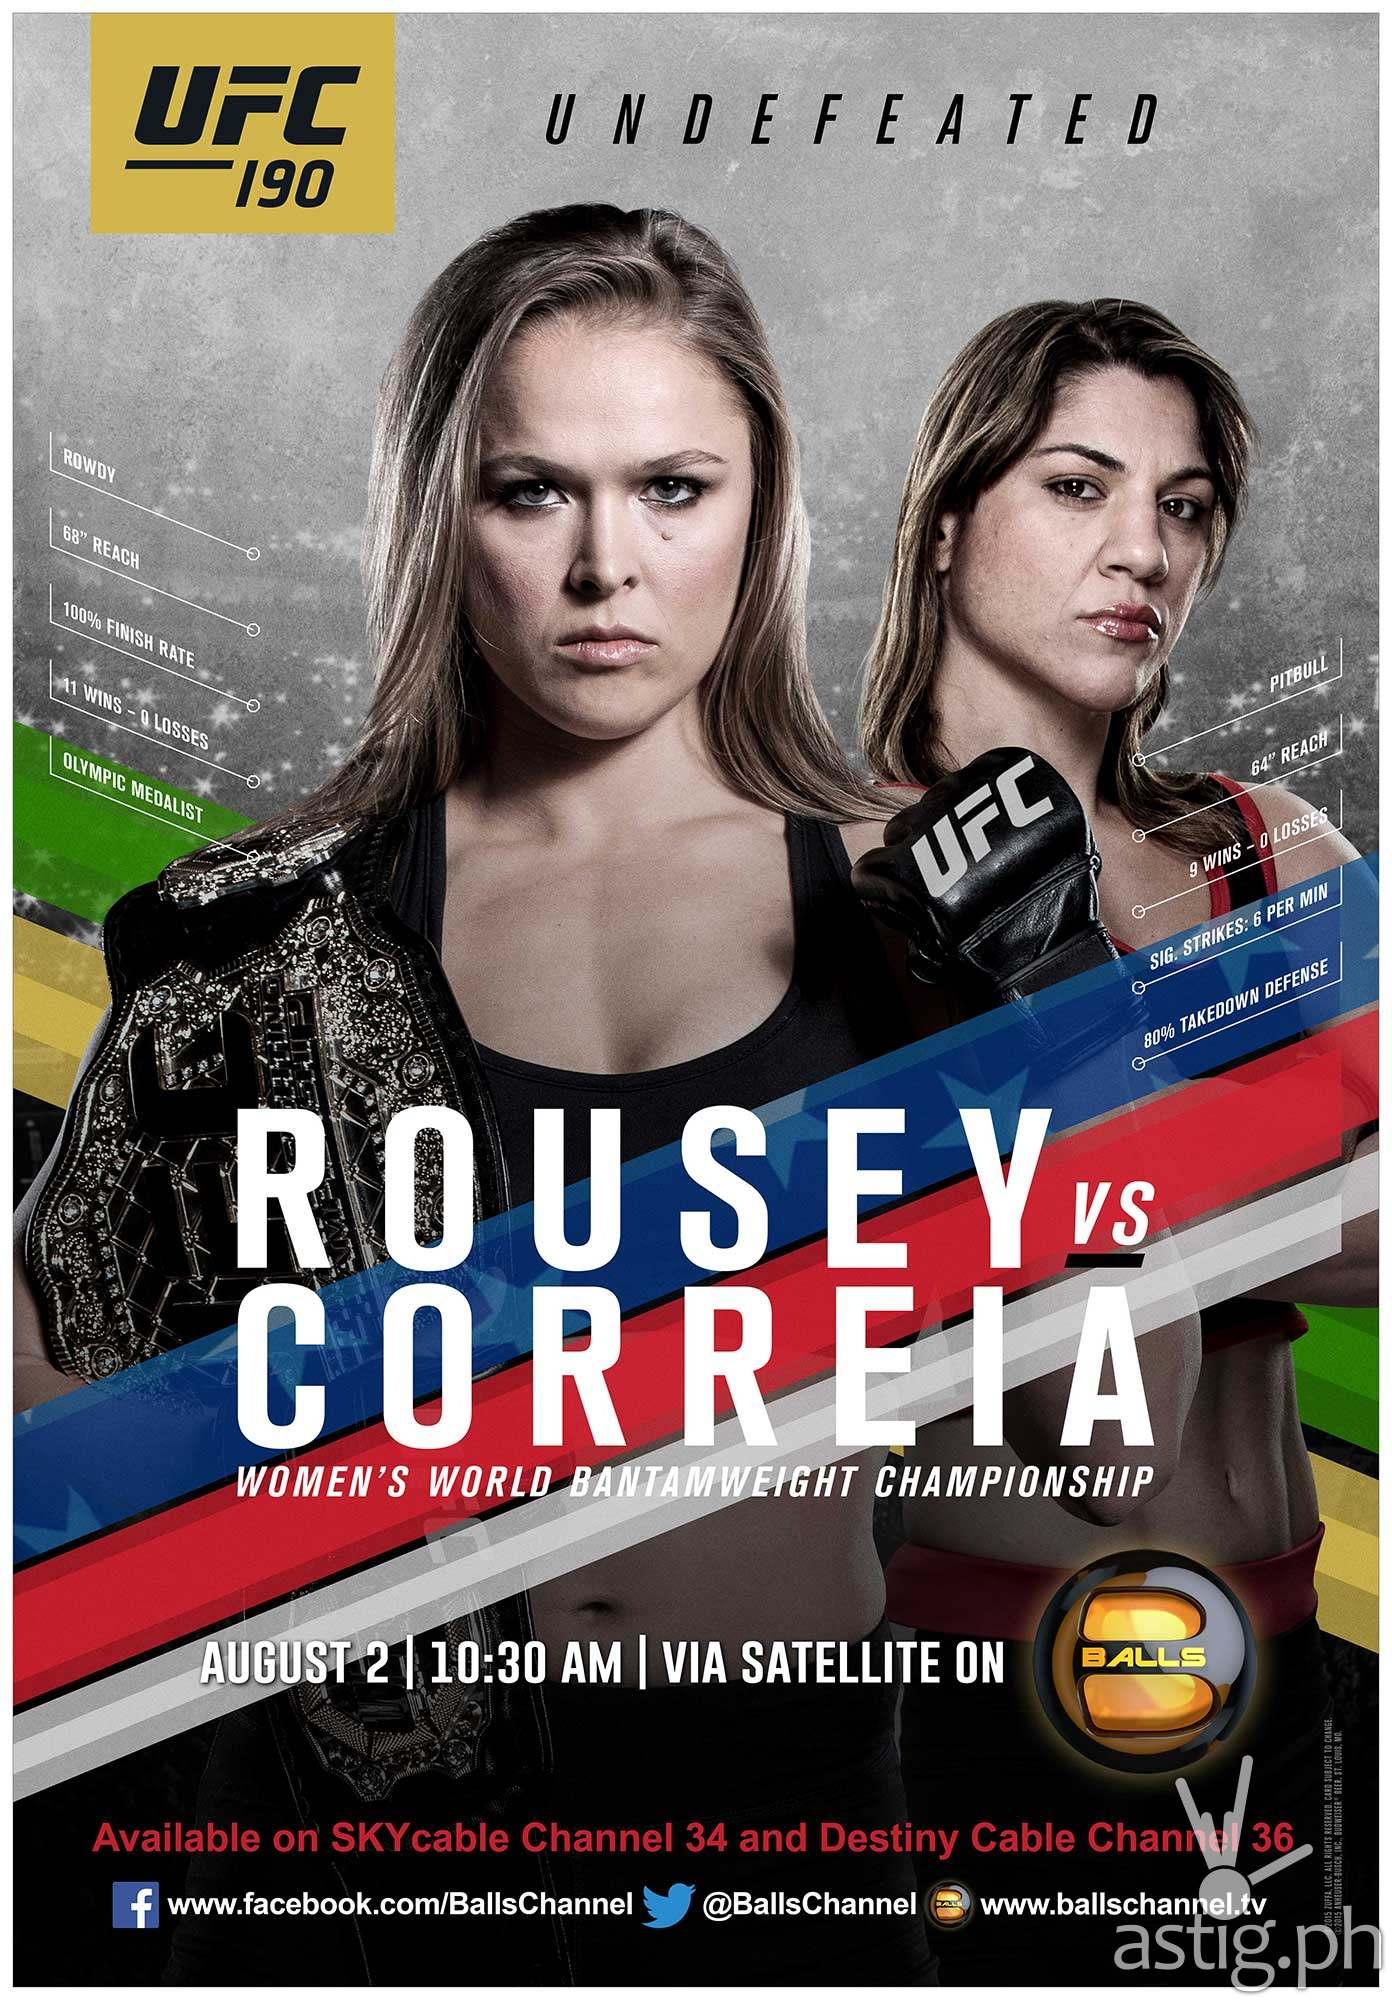 UFC 190 Rousey vs Correia